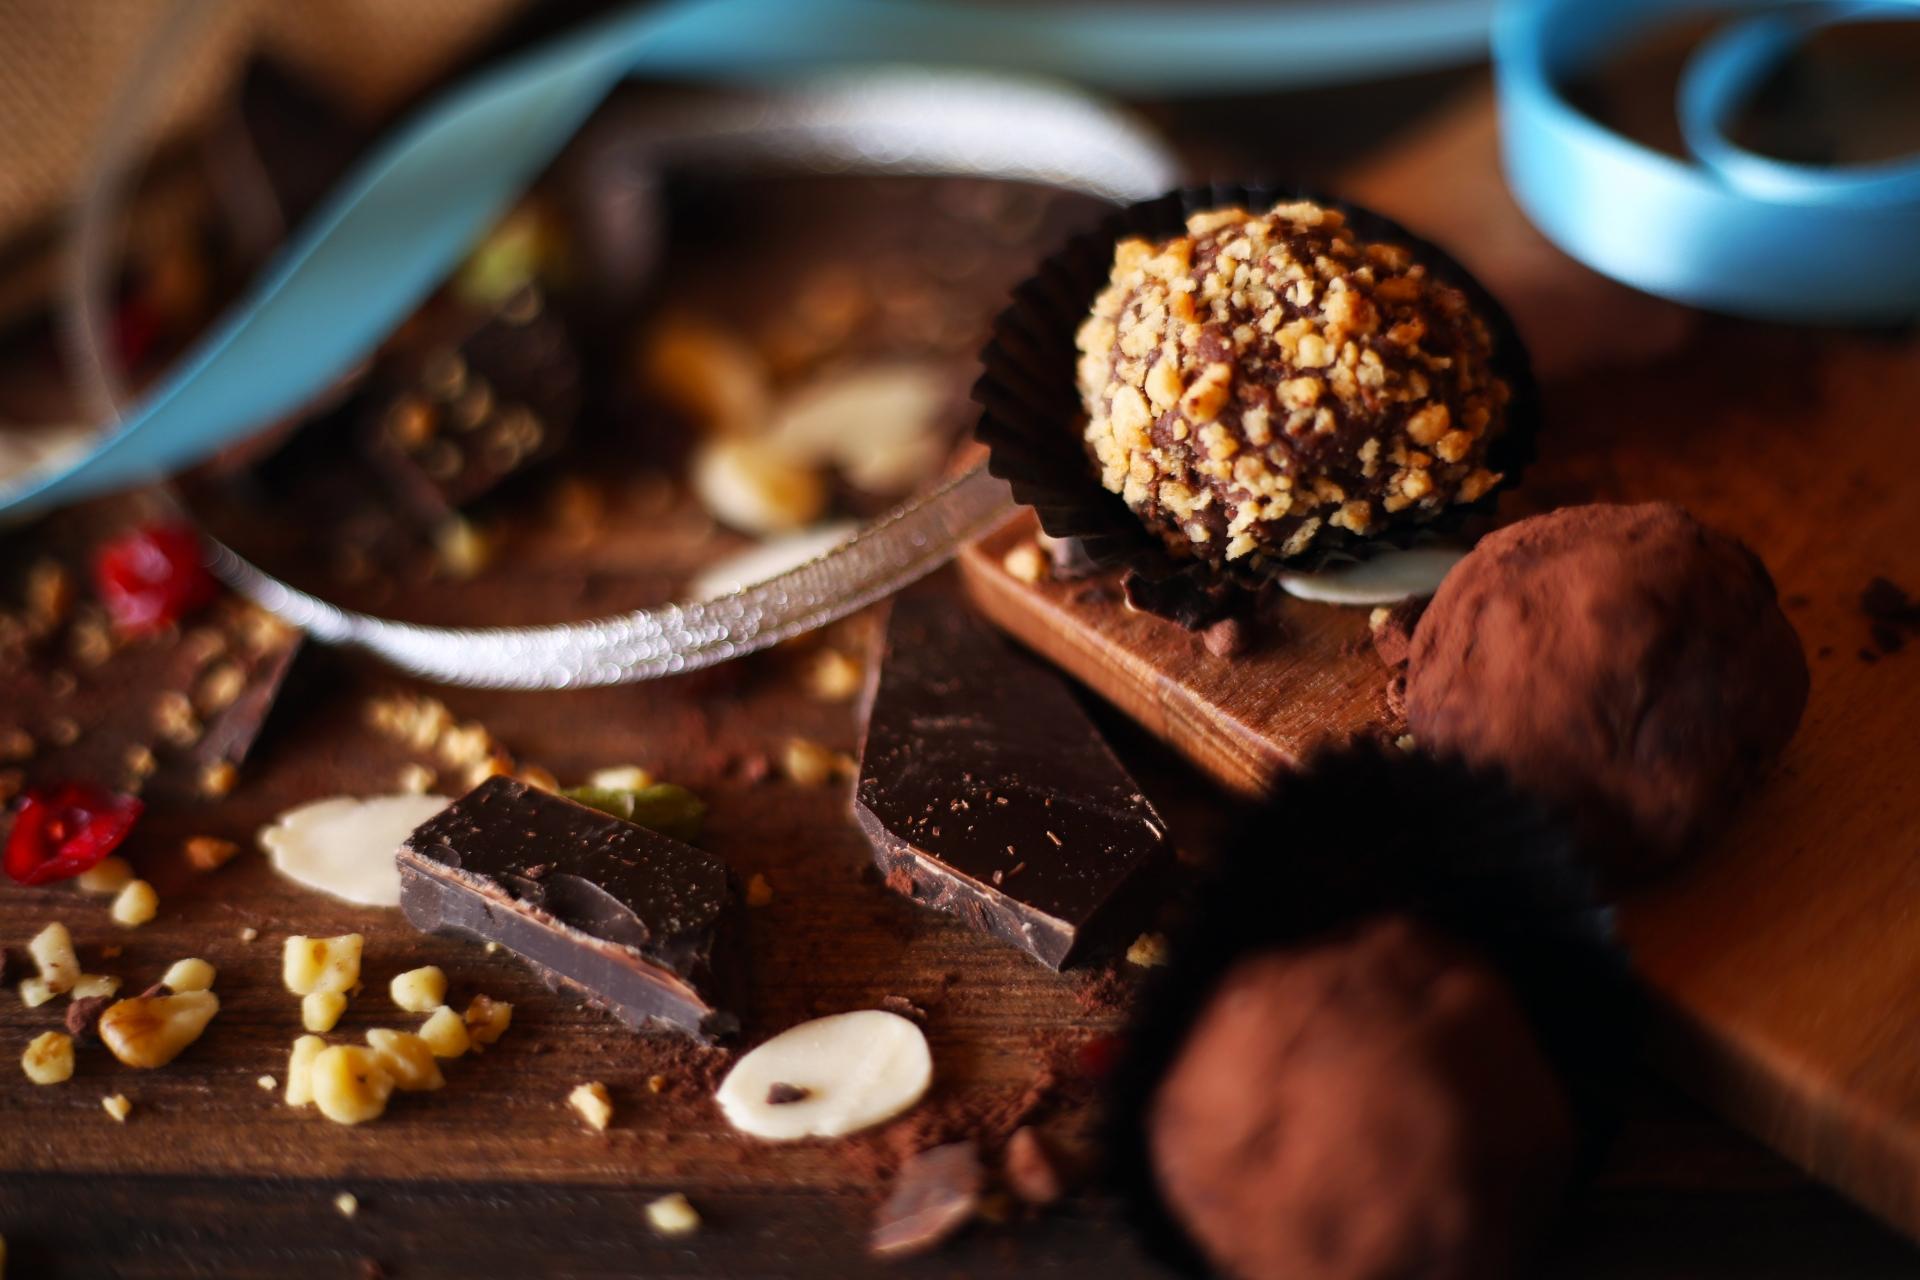 健康に貢献できる高カカオチョコの選び方とは?